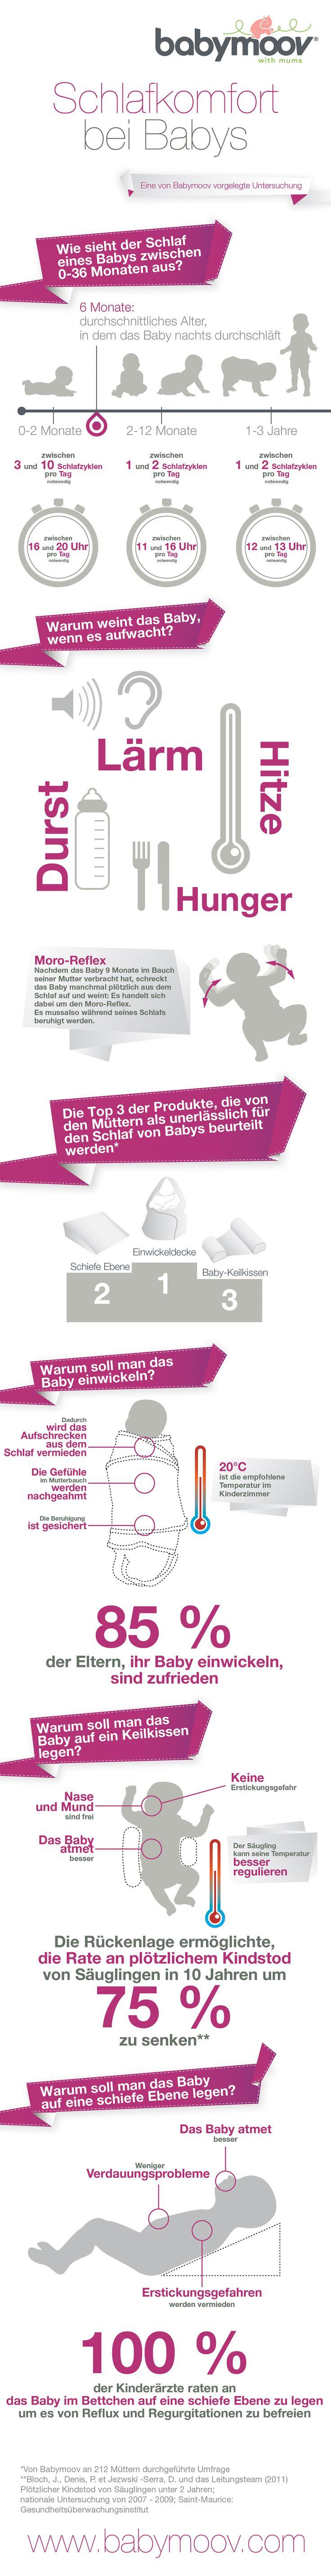 Schlafkomfort bei Babys. Eine von Babymoov vorgelegte Untersuchung. #Babymoov #Komfort